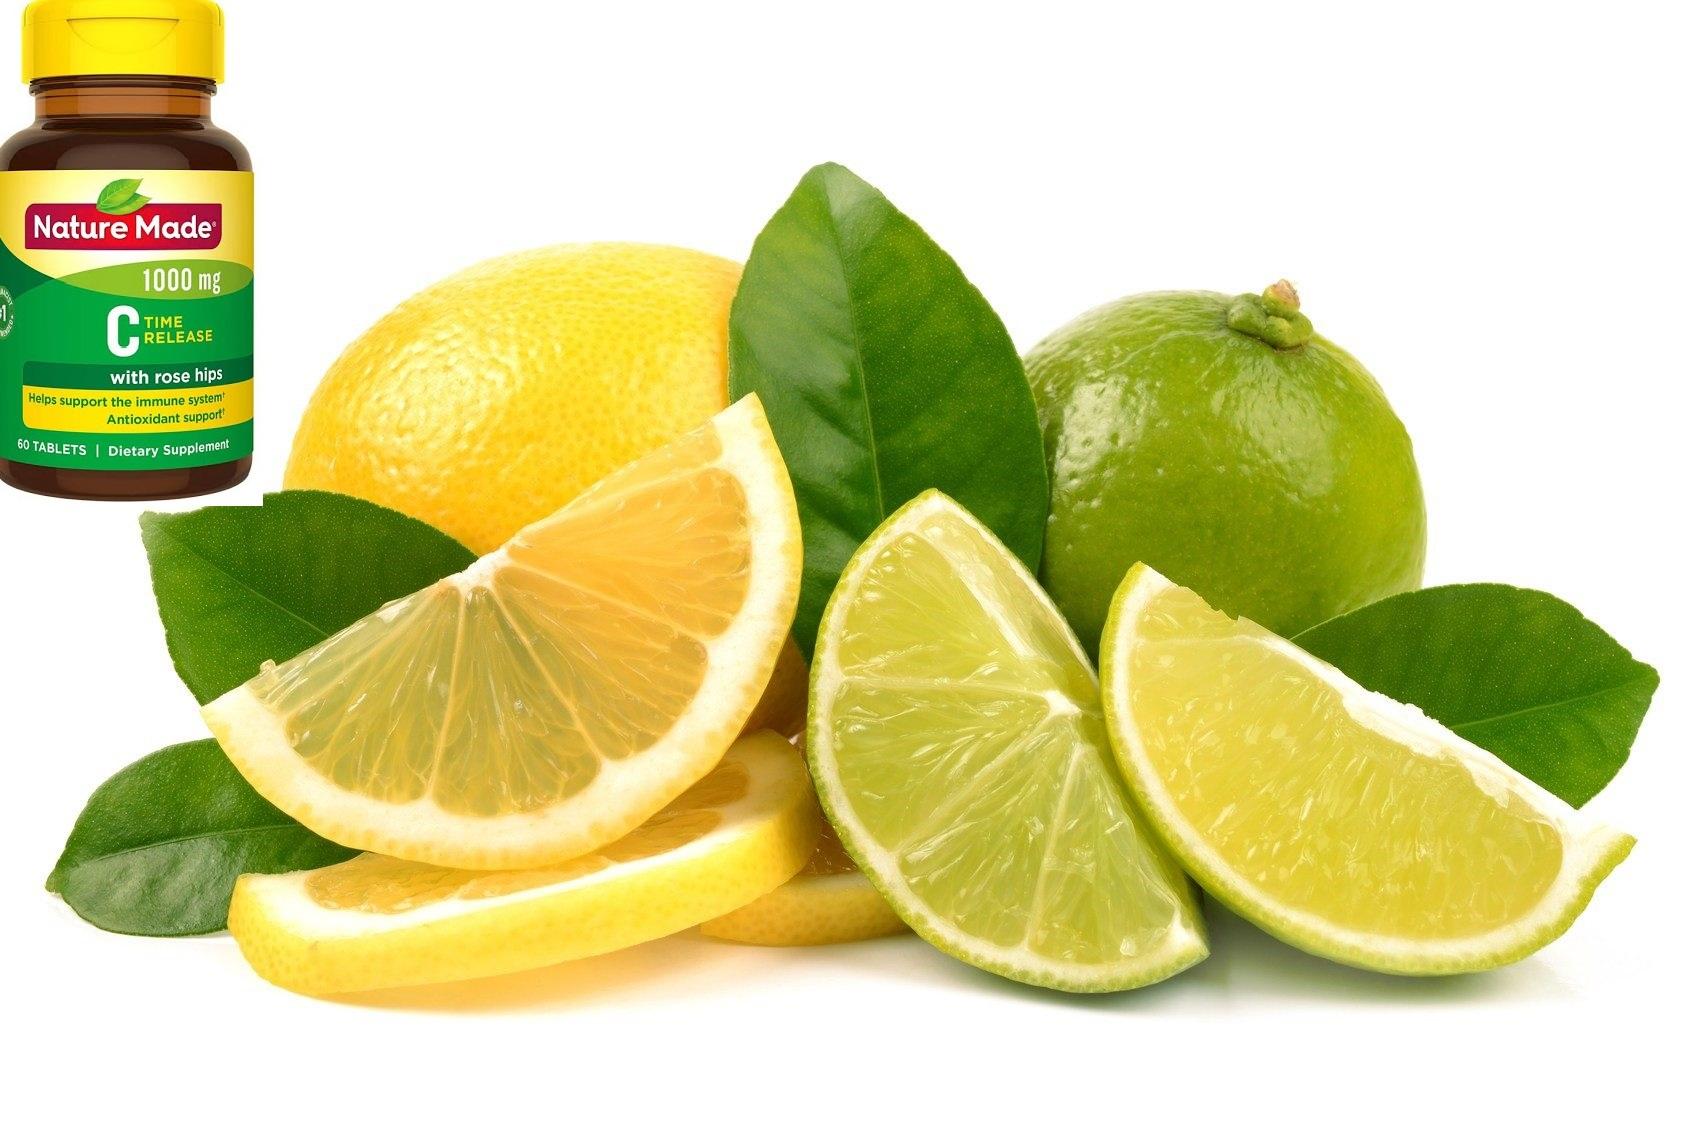 Viên uống bổ sung hàm lượng vitamin C 1000mg